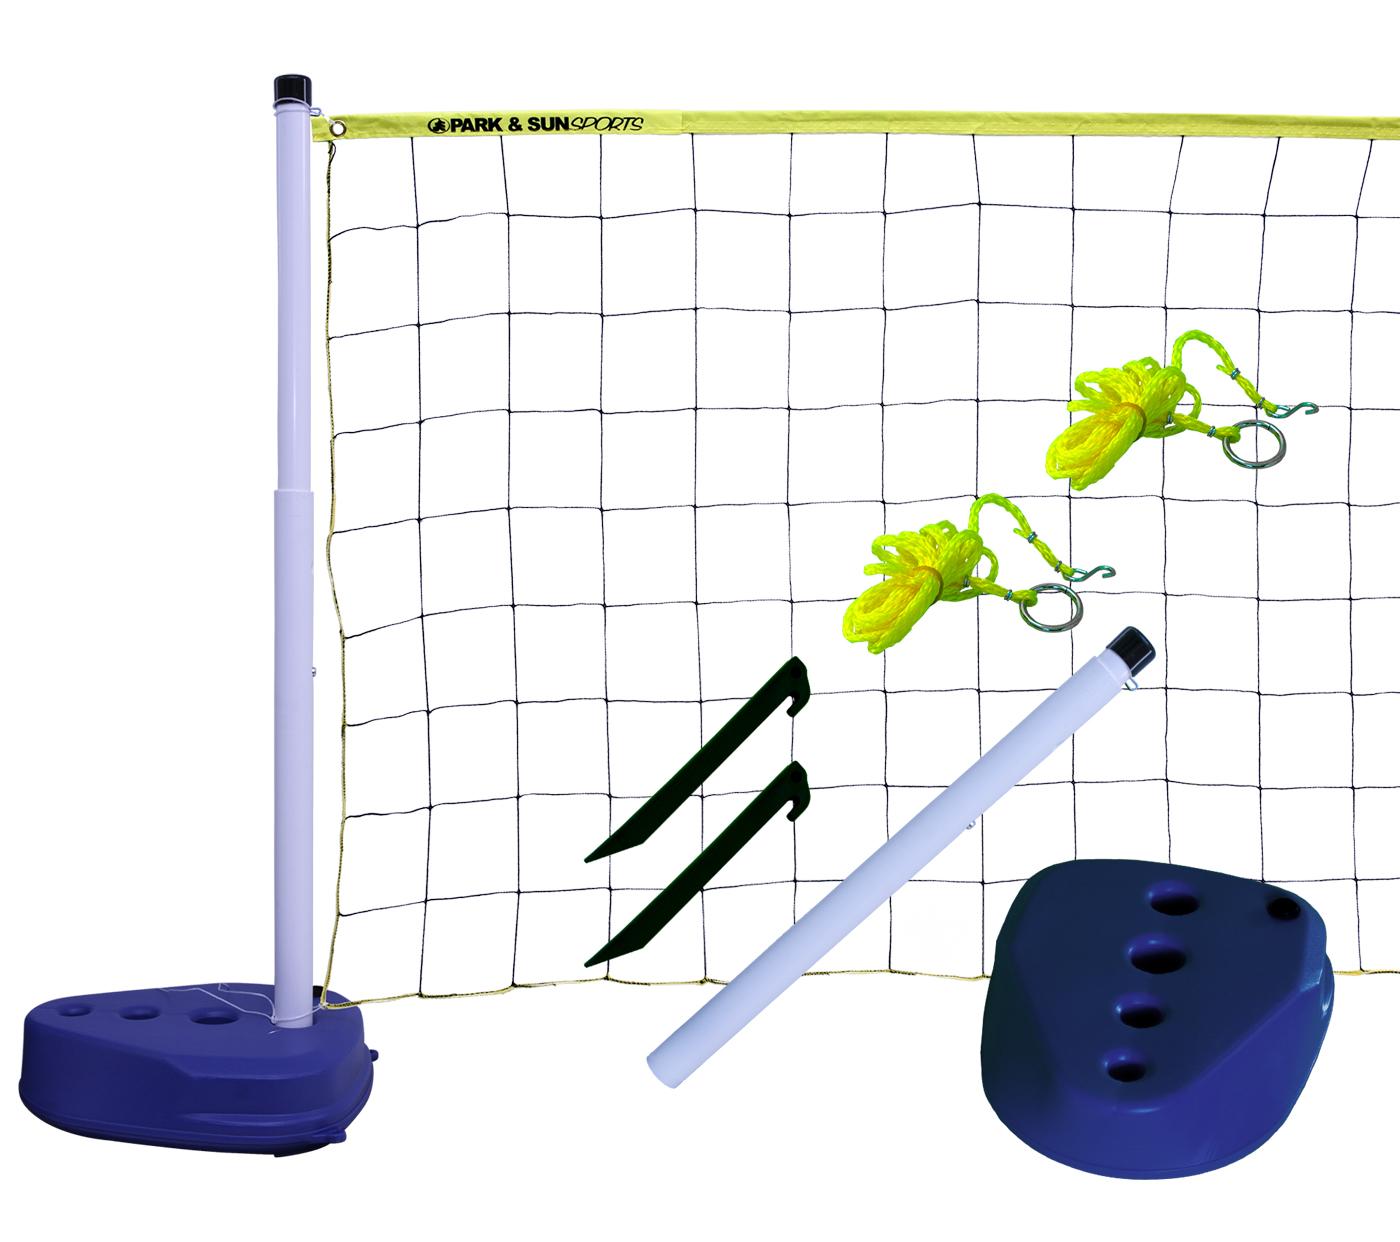 Backyard Volleyball Net Height : Park & Sun Aqua Volley Pool Volleyball Net Set